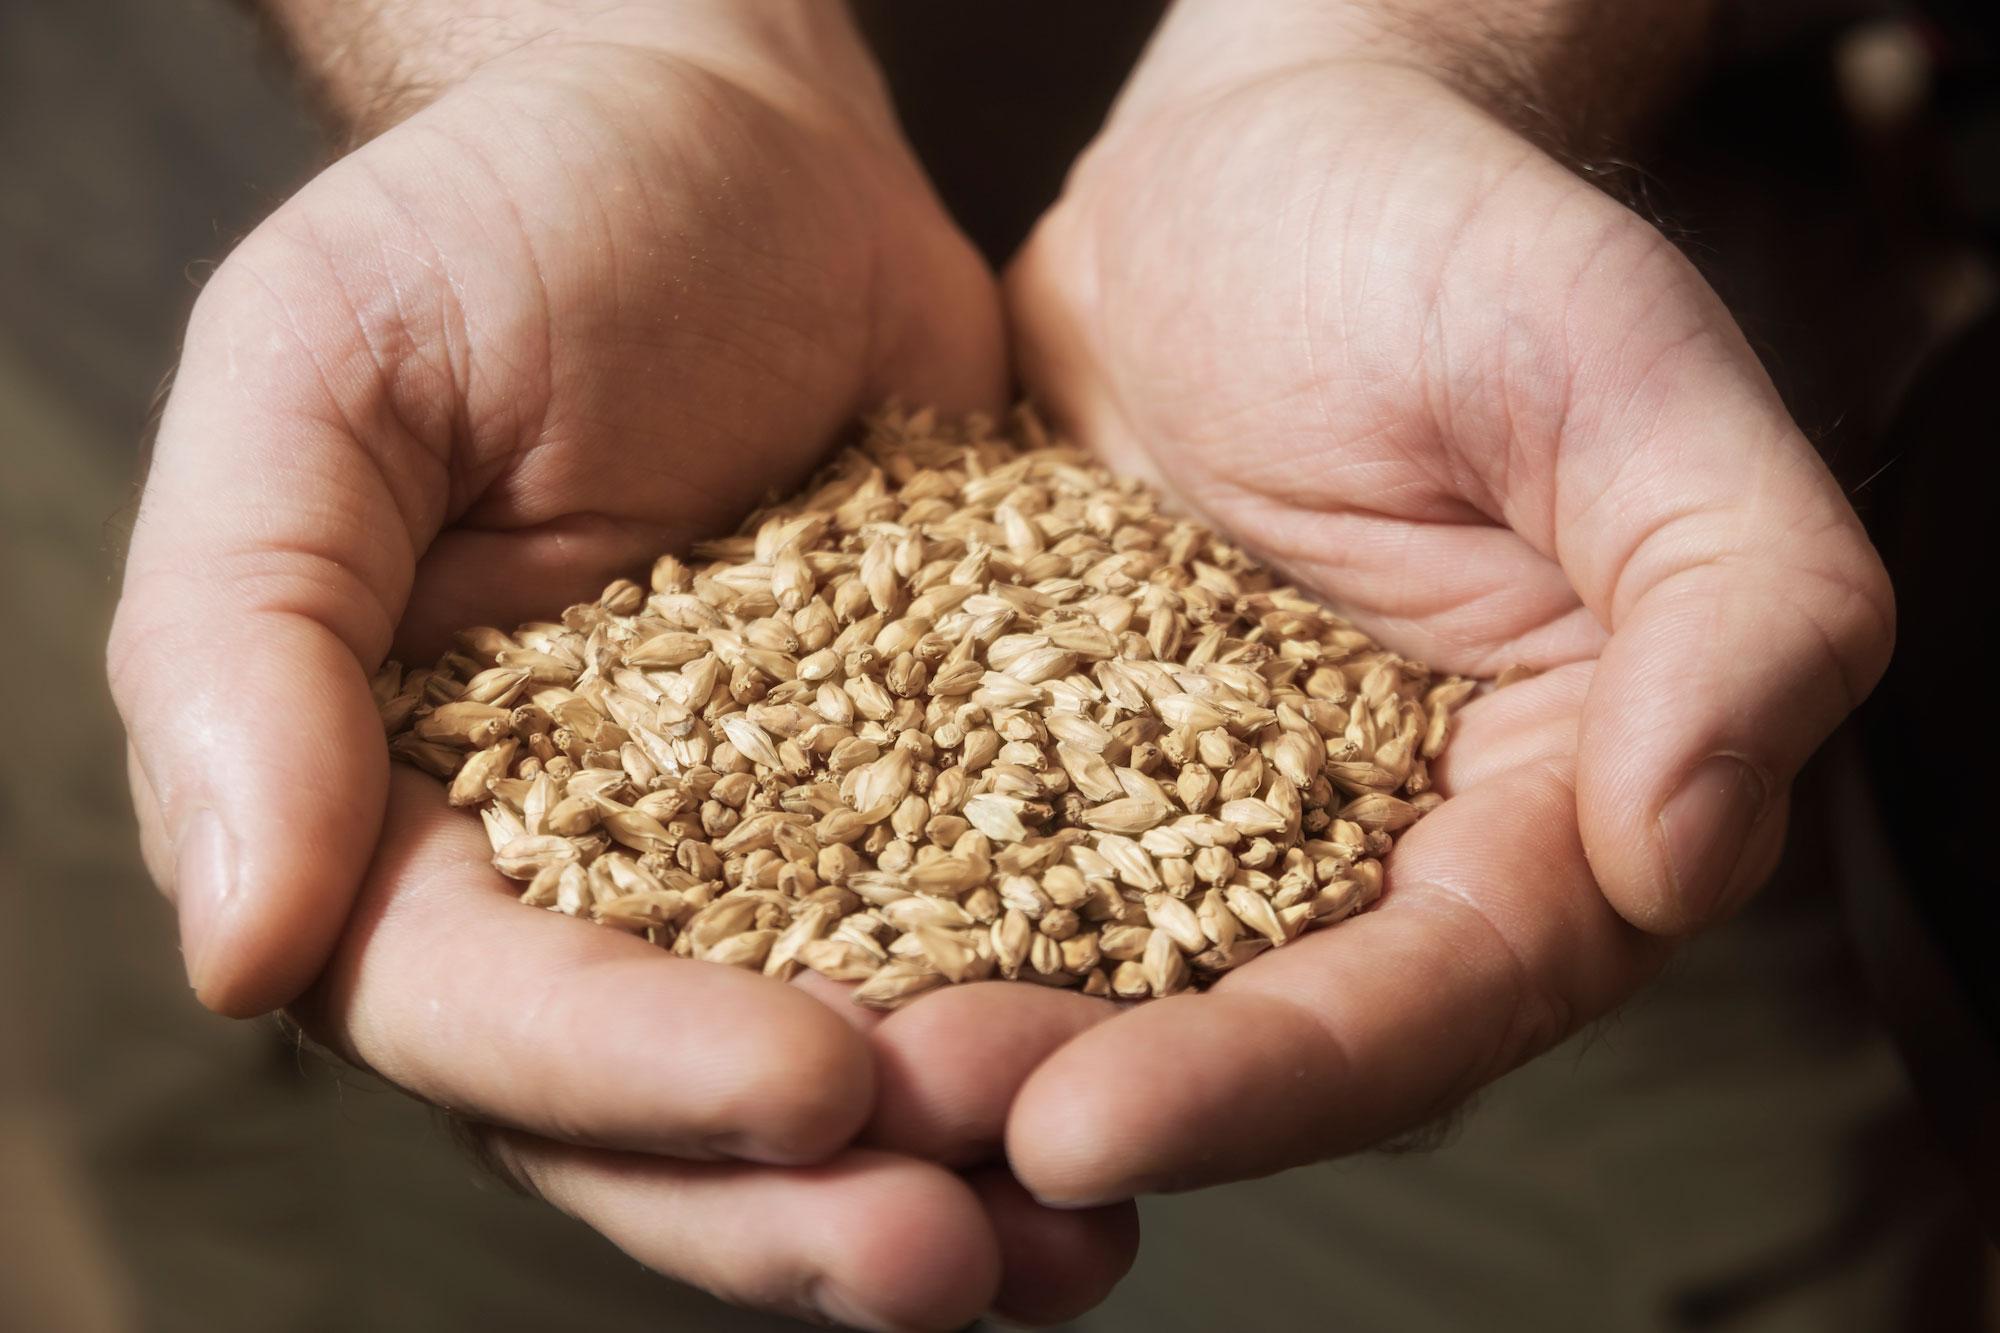 seeds-and-grain_in-hands_iStock-873635416.jpg